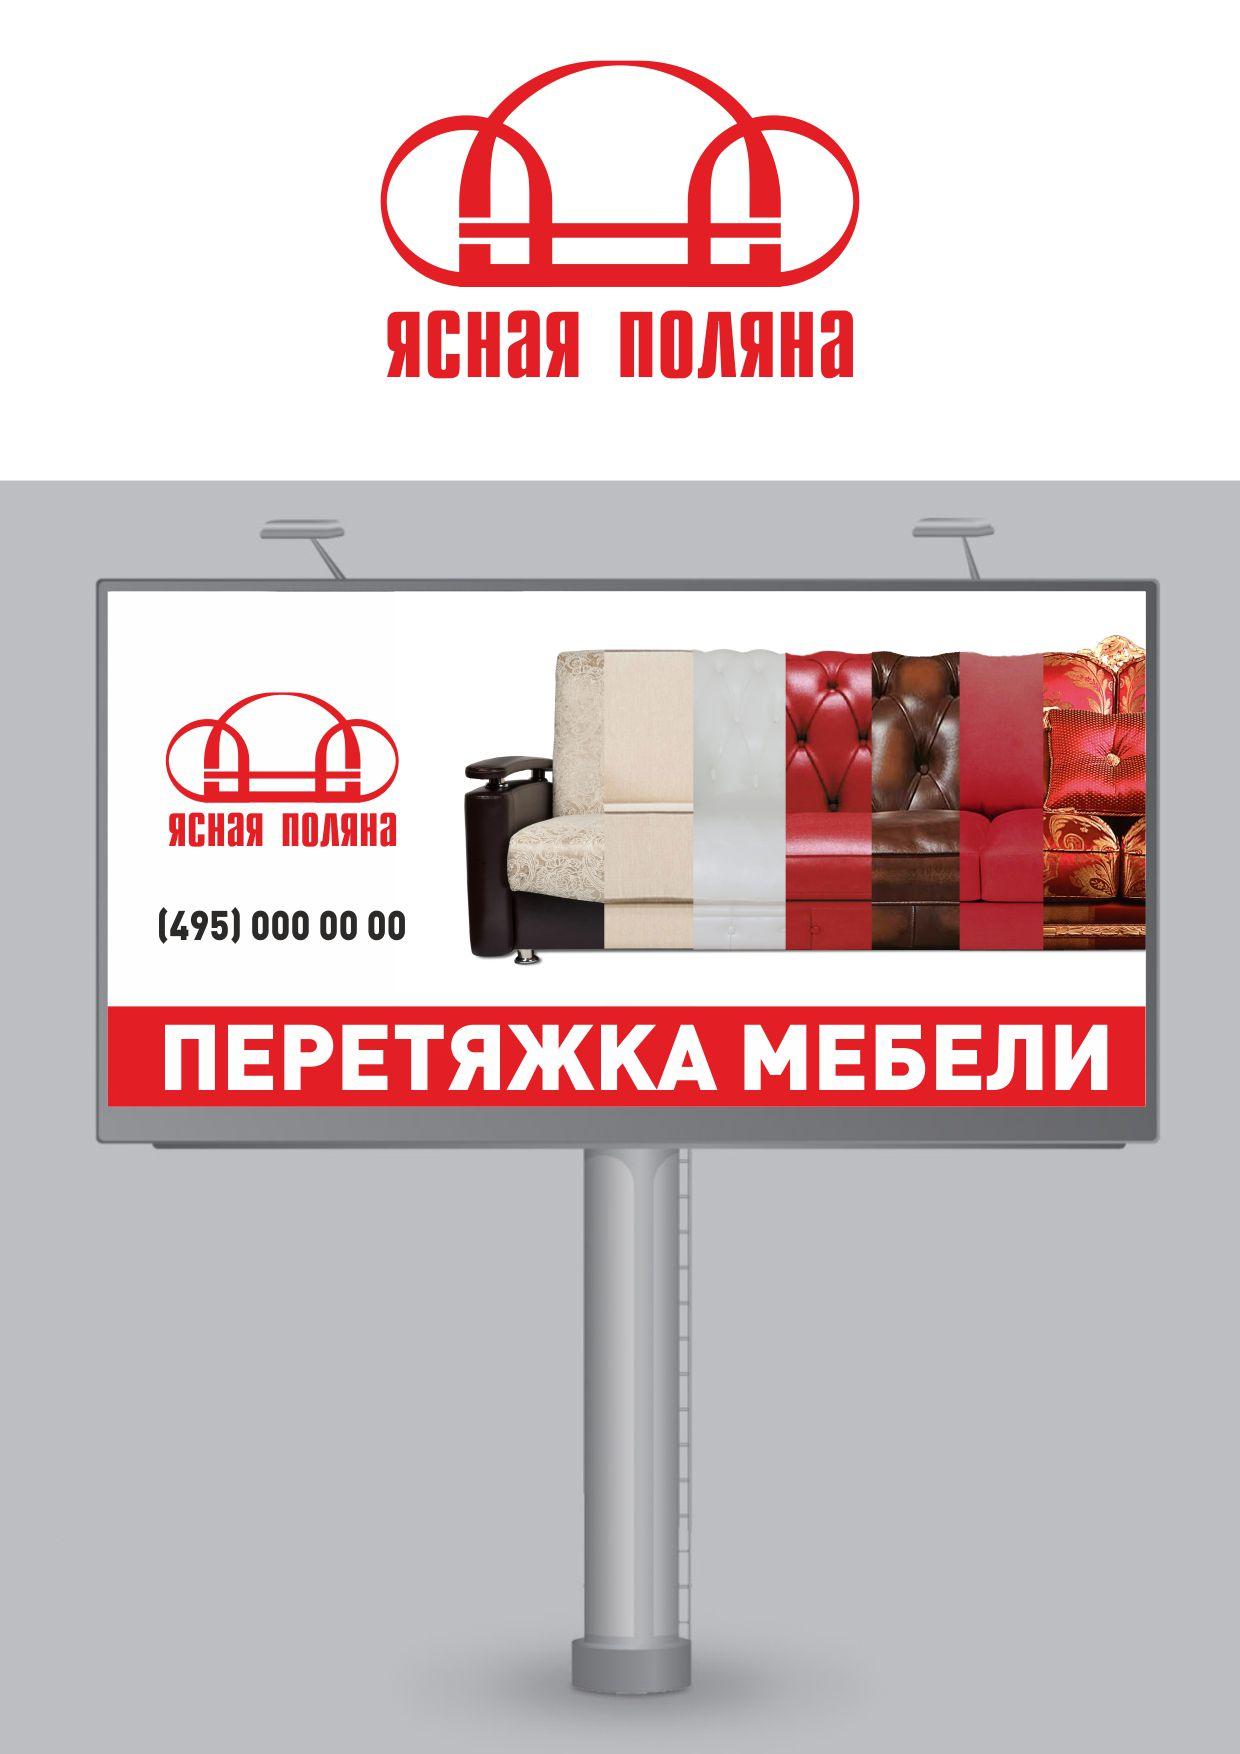 логотип и дизайн для билборда фото f_064549a8188b4b1d.jpg